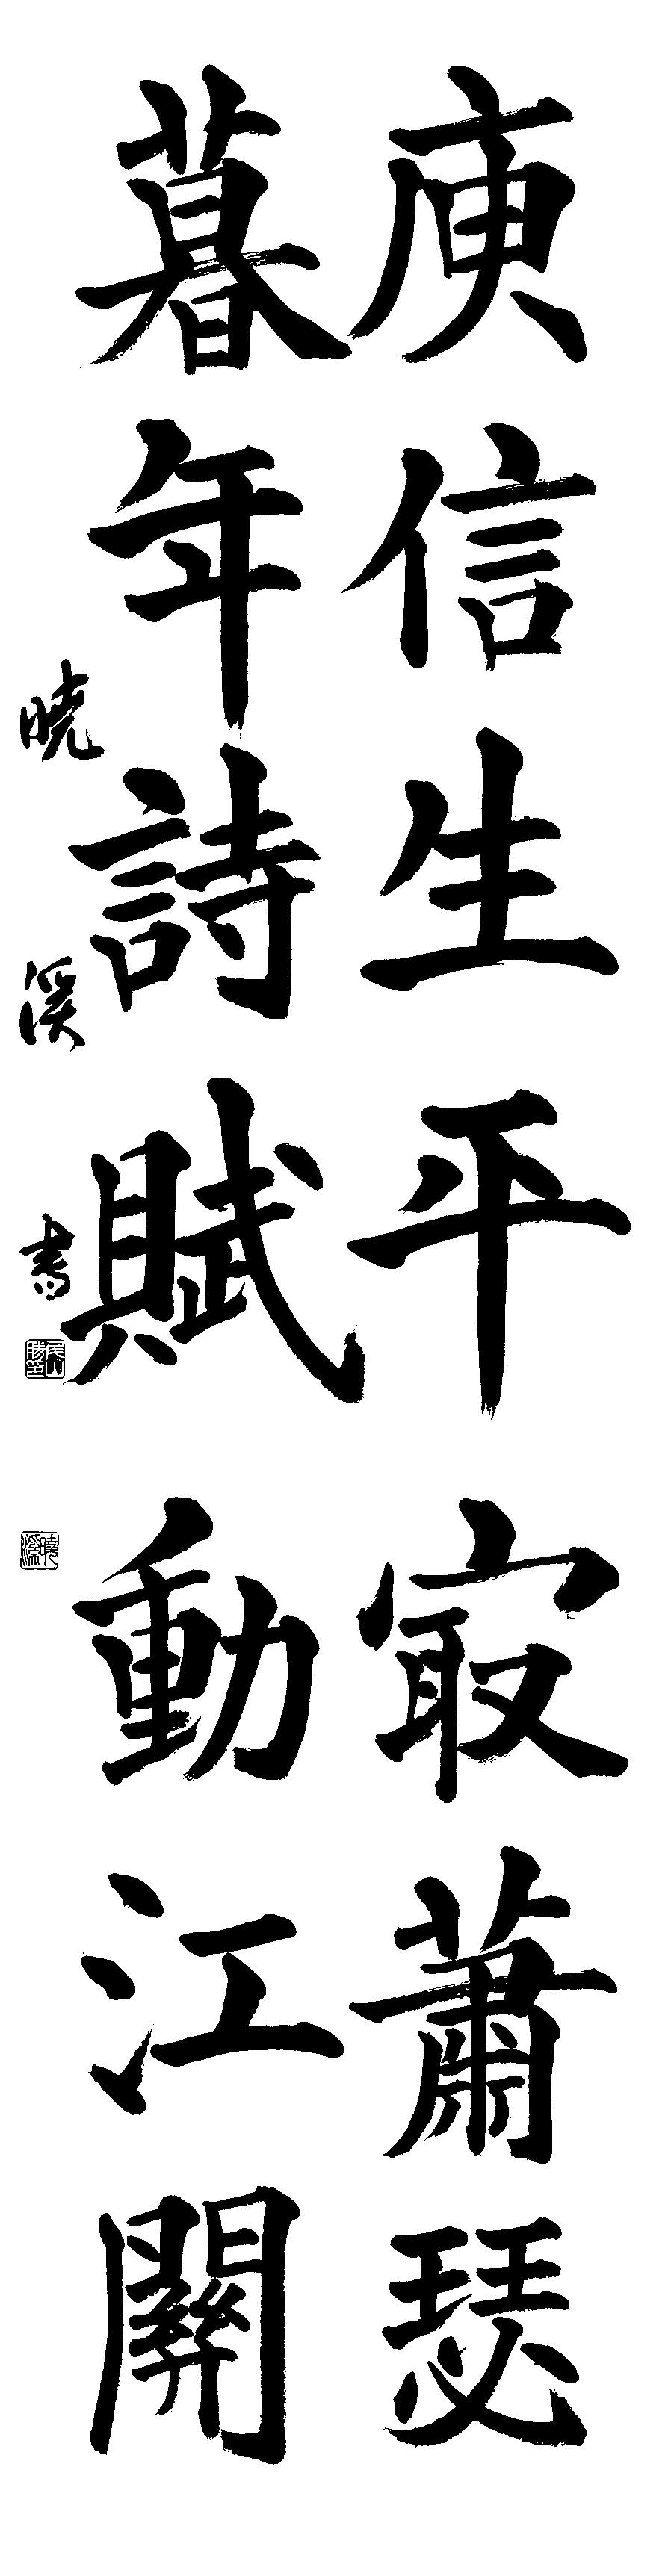 尾山 暁渓